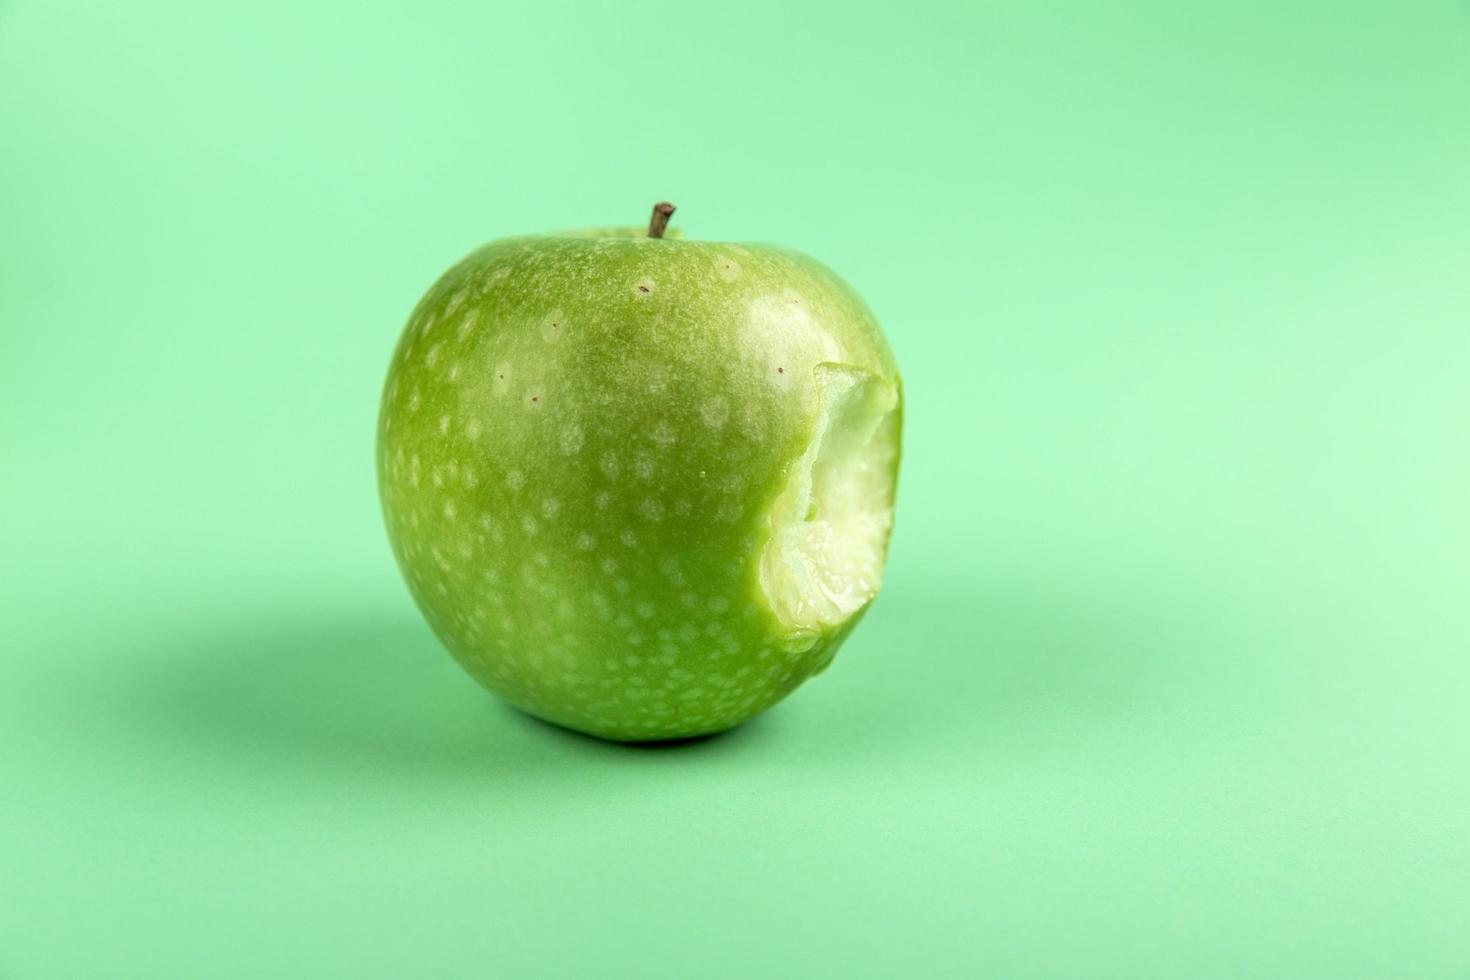 Granny Smith appel met beet foto